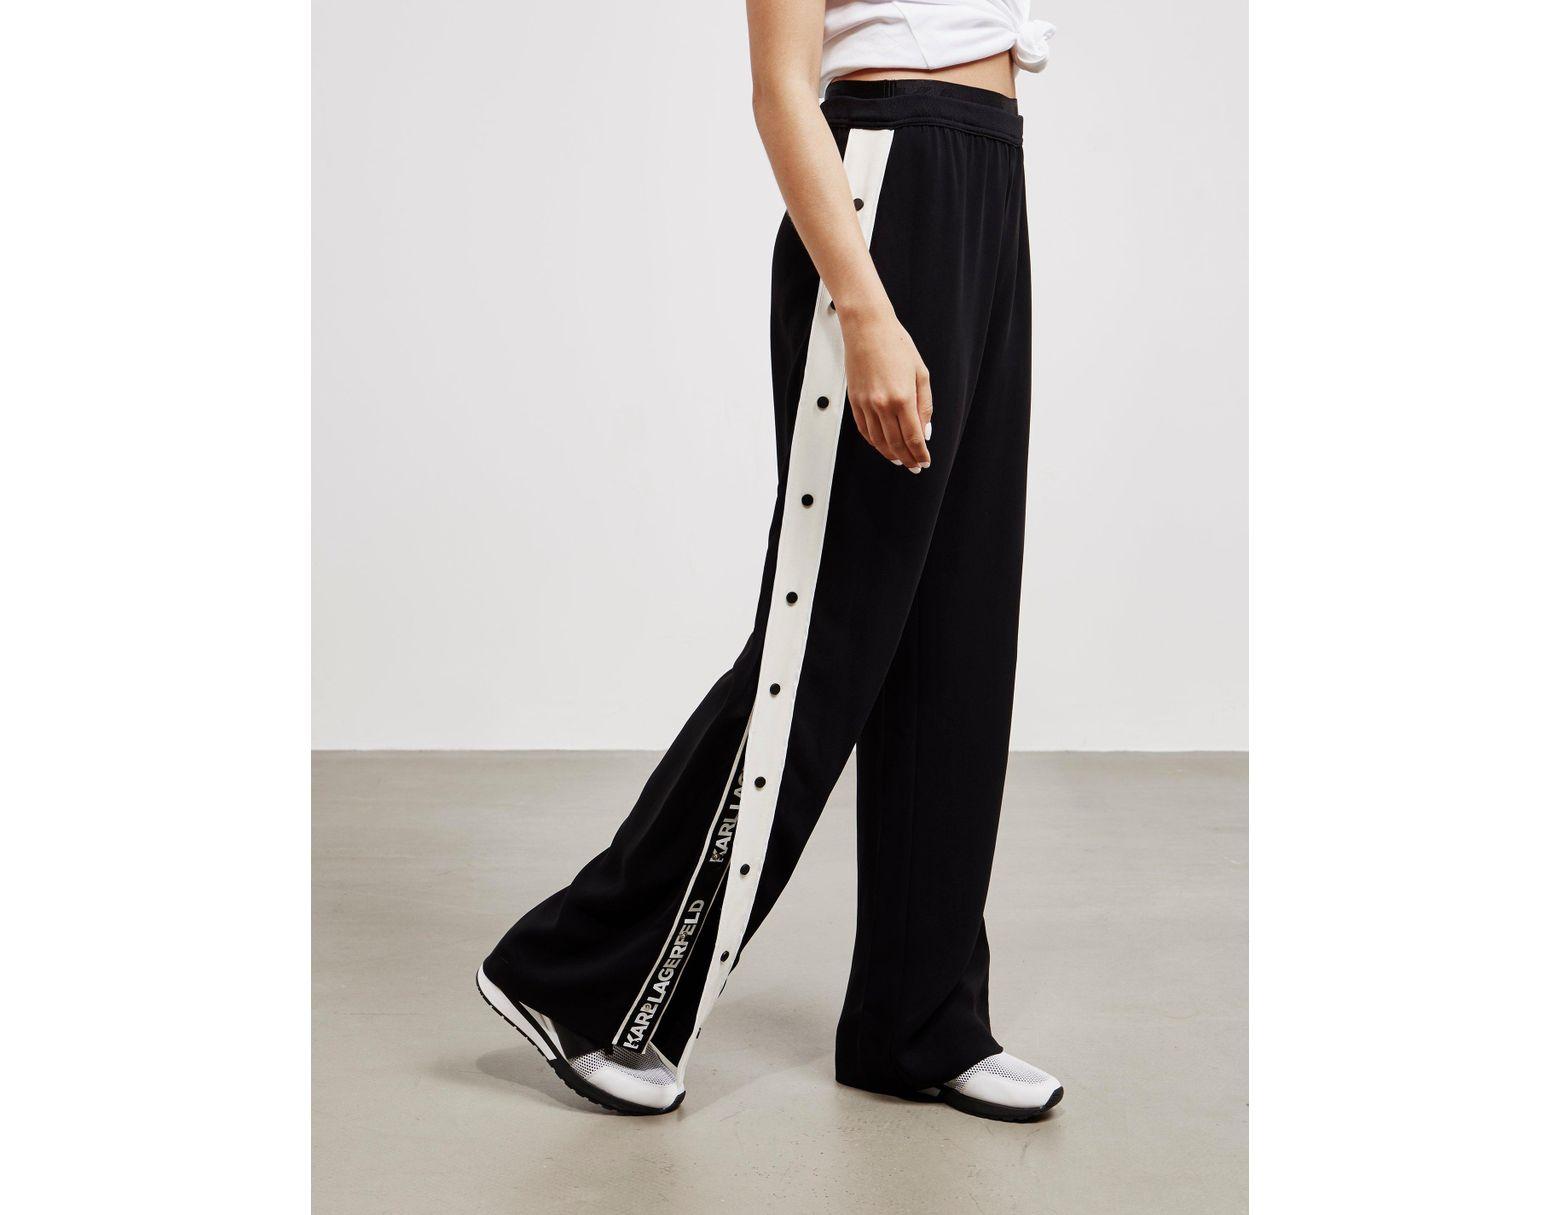 915e3fbd82c394 Karl Lagerfeld Wide Leg Popper Pants Black in Black - Lyst